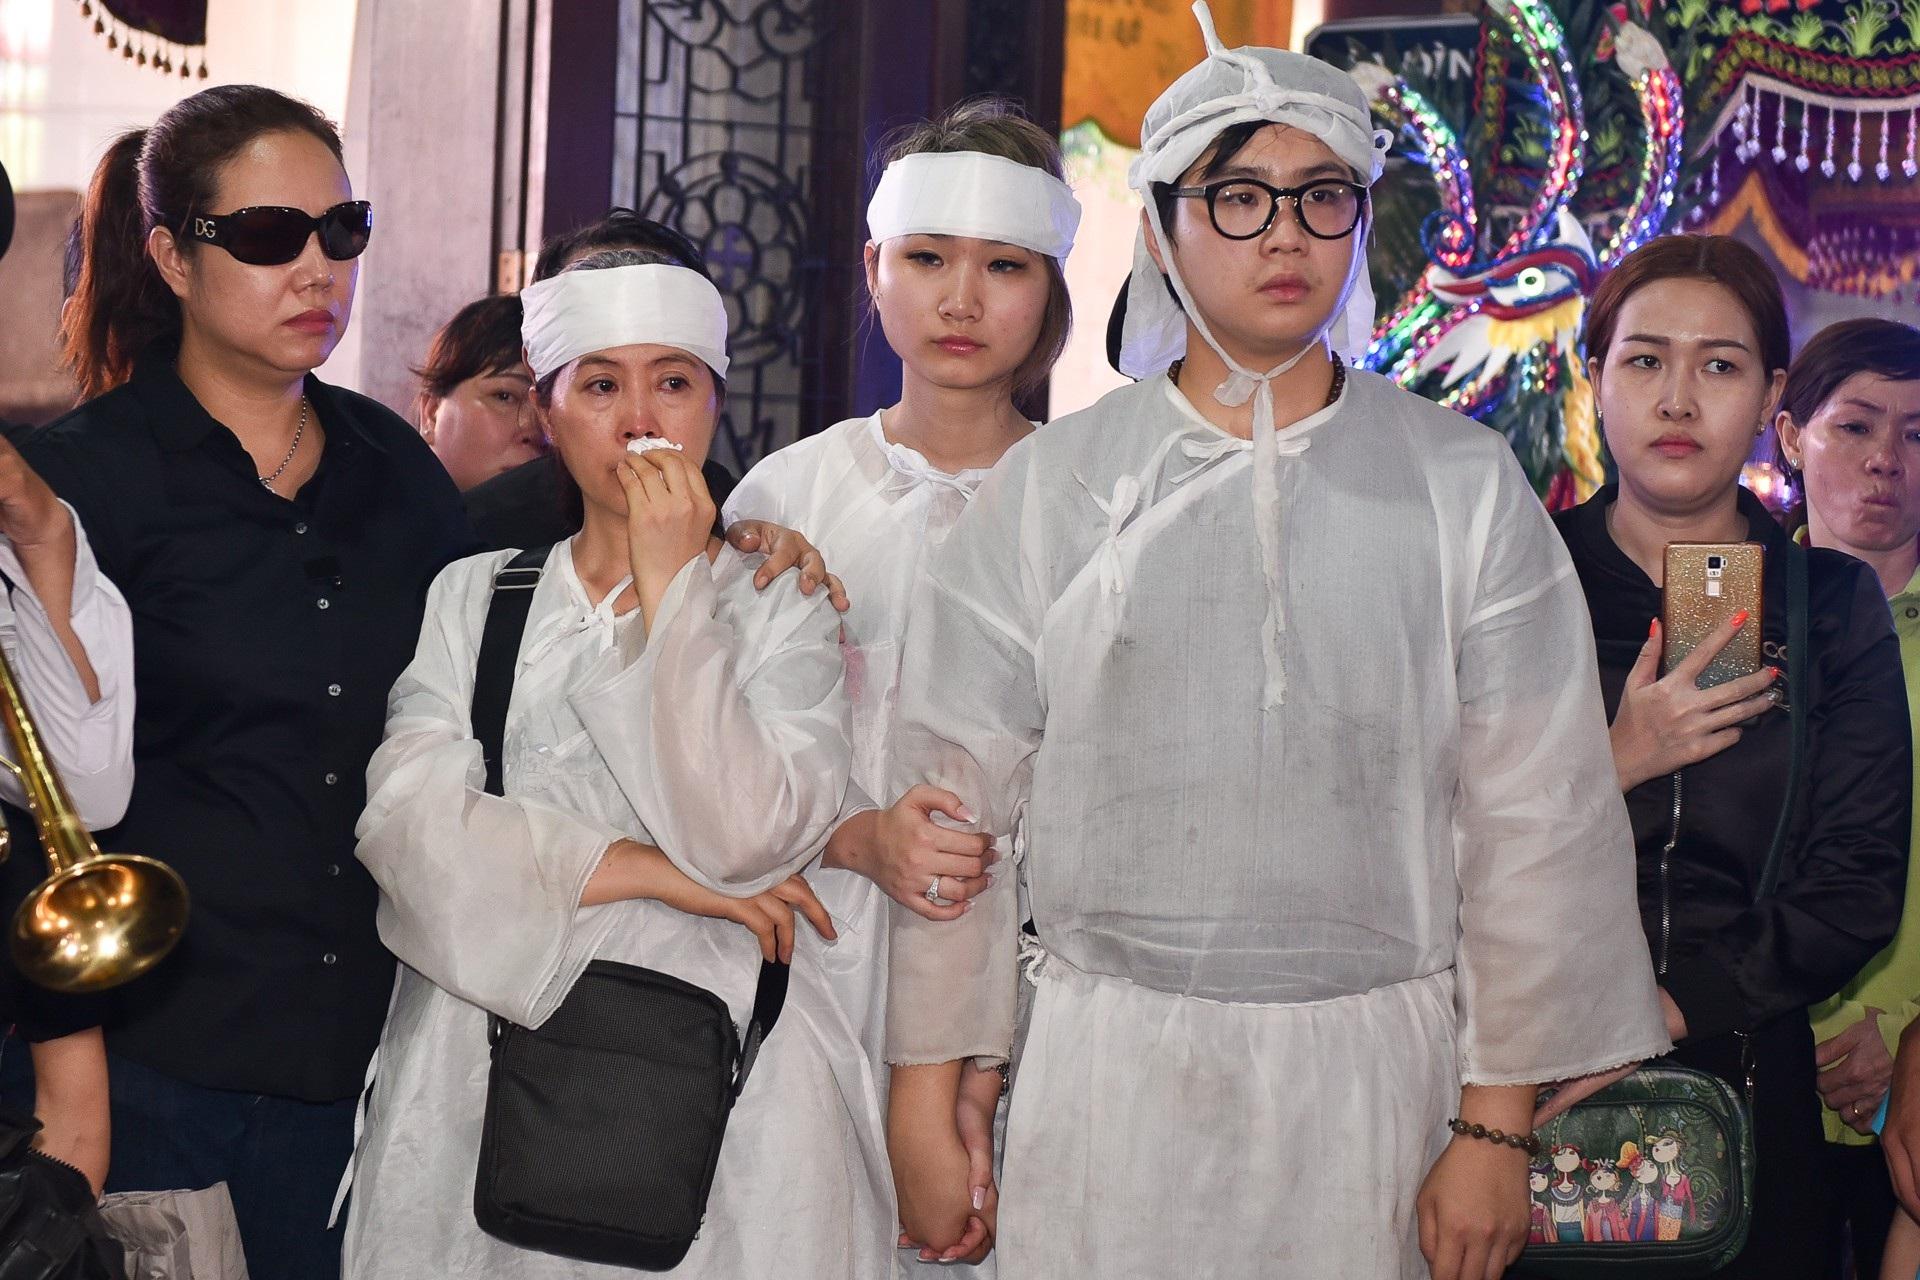 Nghệ sĩ Việt lặng lẽ đưa tiễn diễn viên Mạnh Tràng - Ảnh 1.